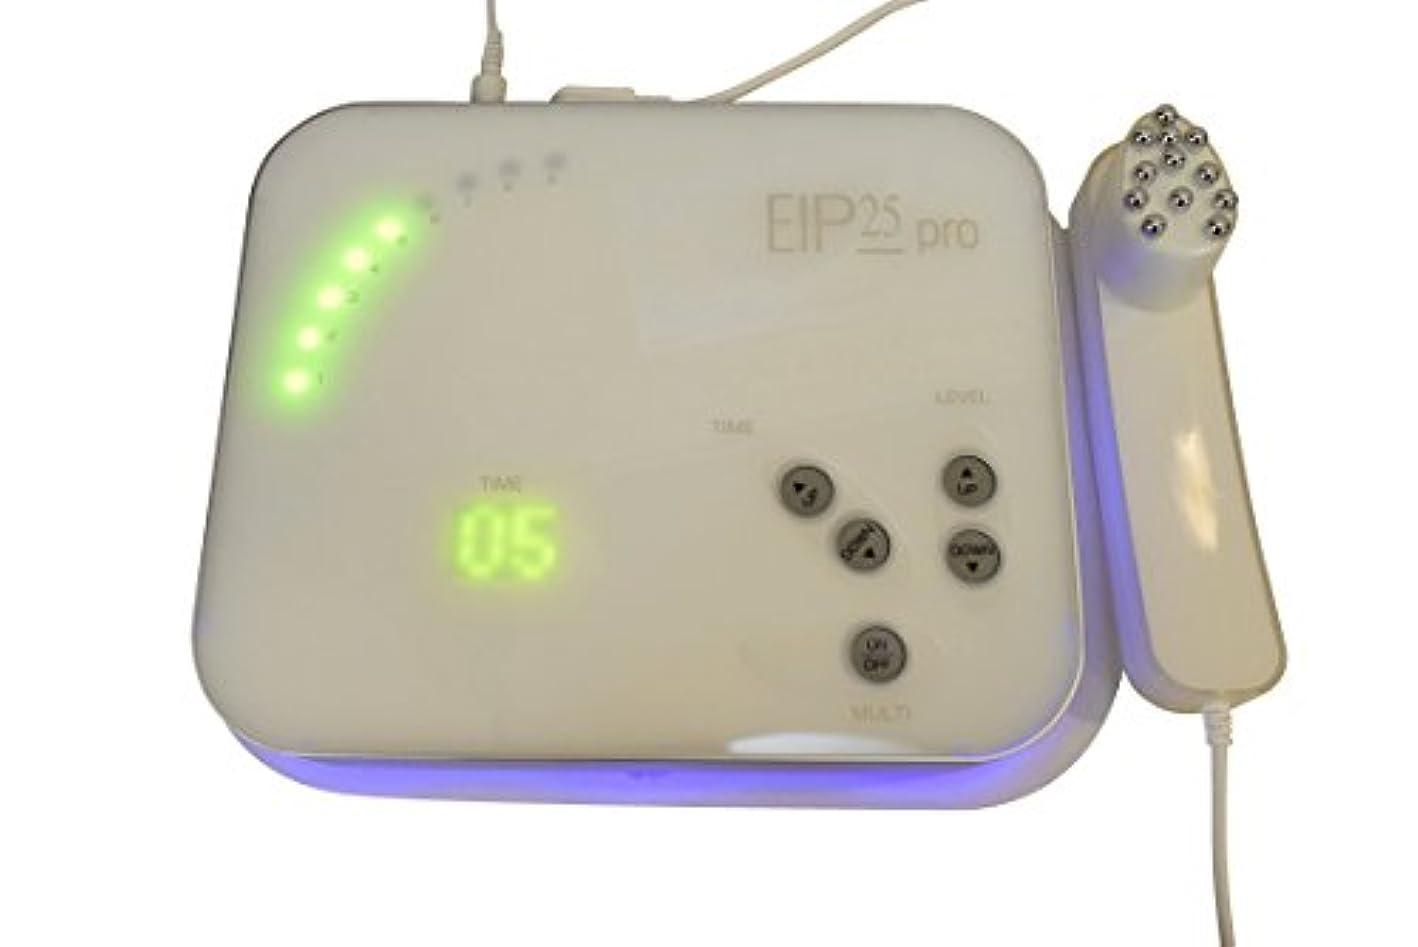 精巧な筋肉のスタジオ日本製 EIP25 PRO(Wポレーション照射構造)ポレーション 美容機器/無償納品研修付